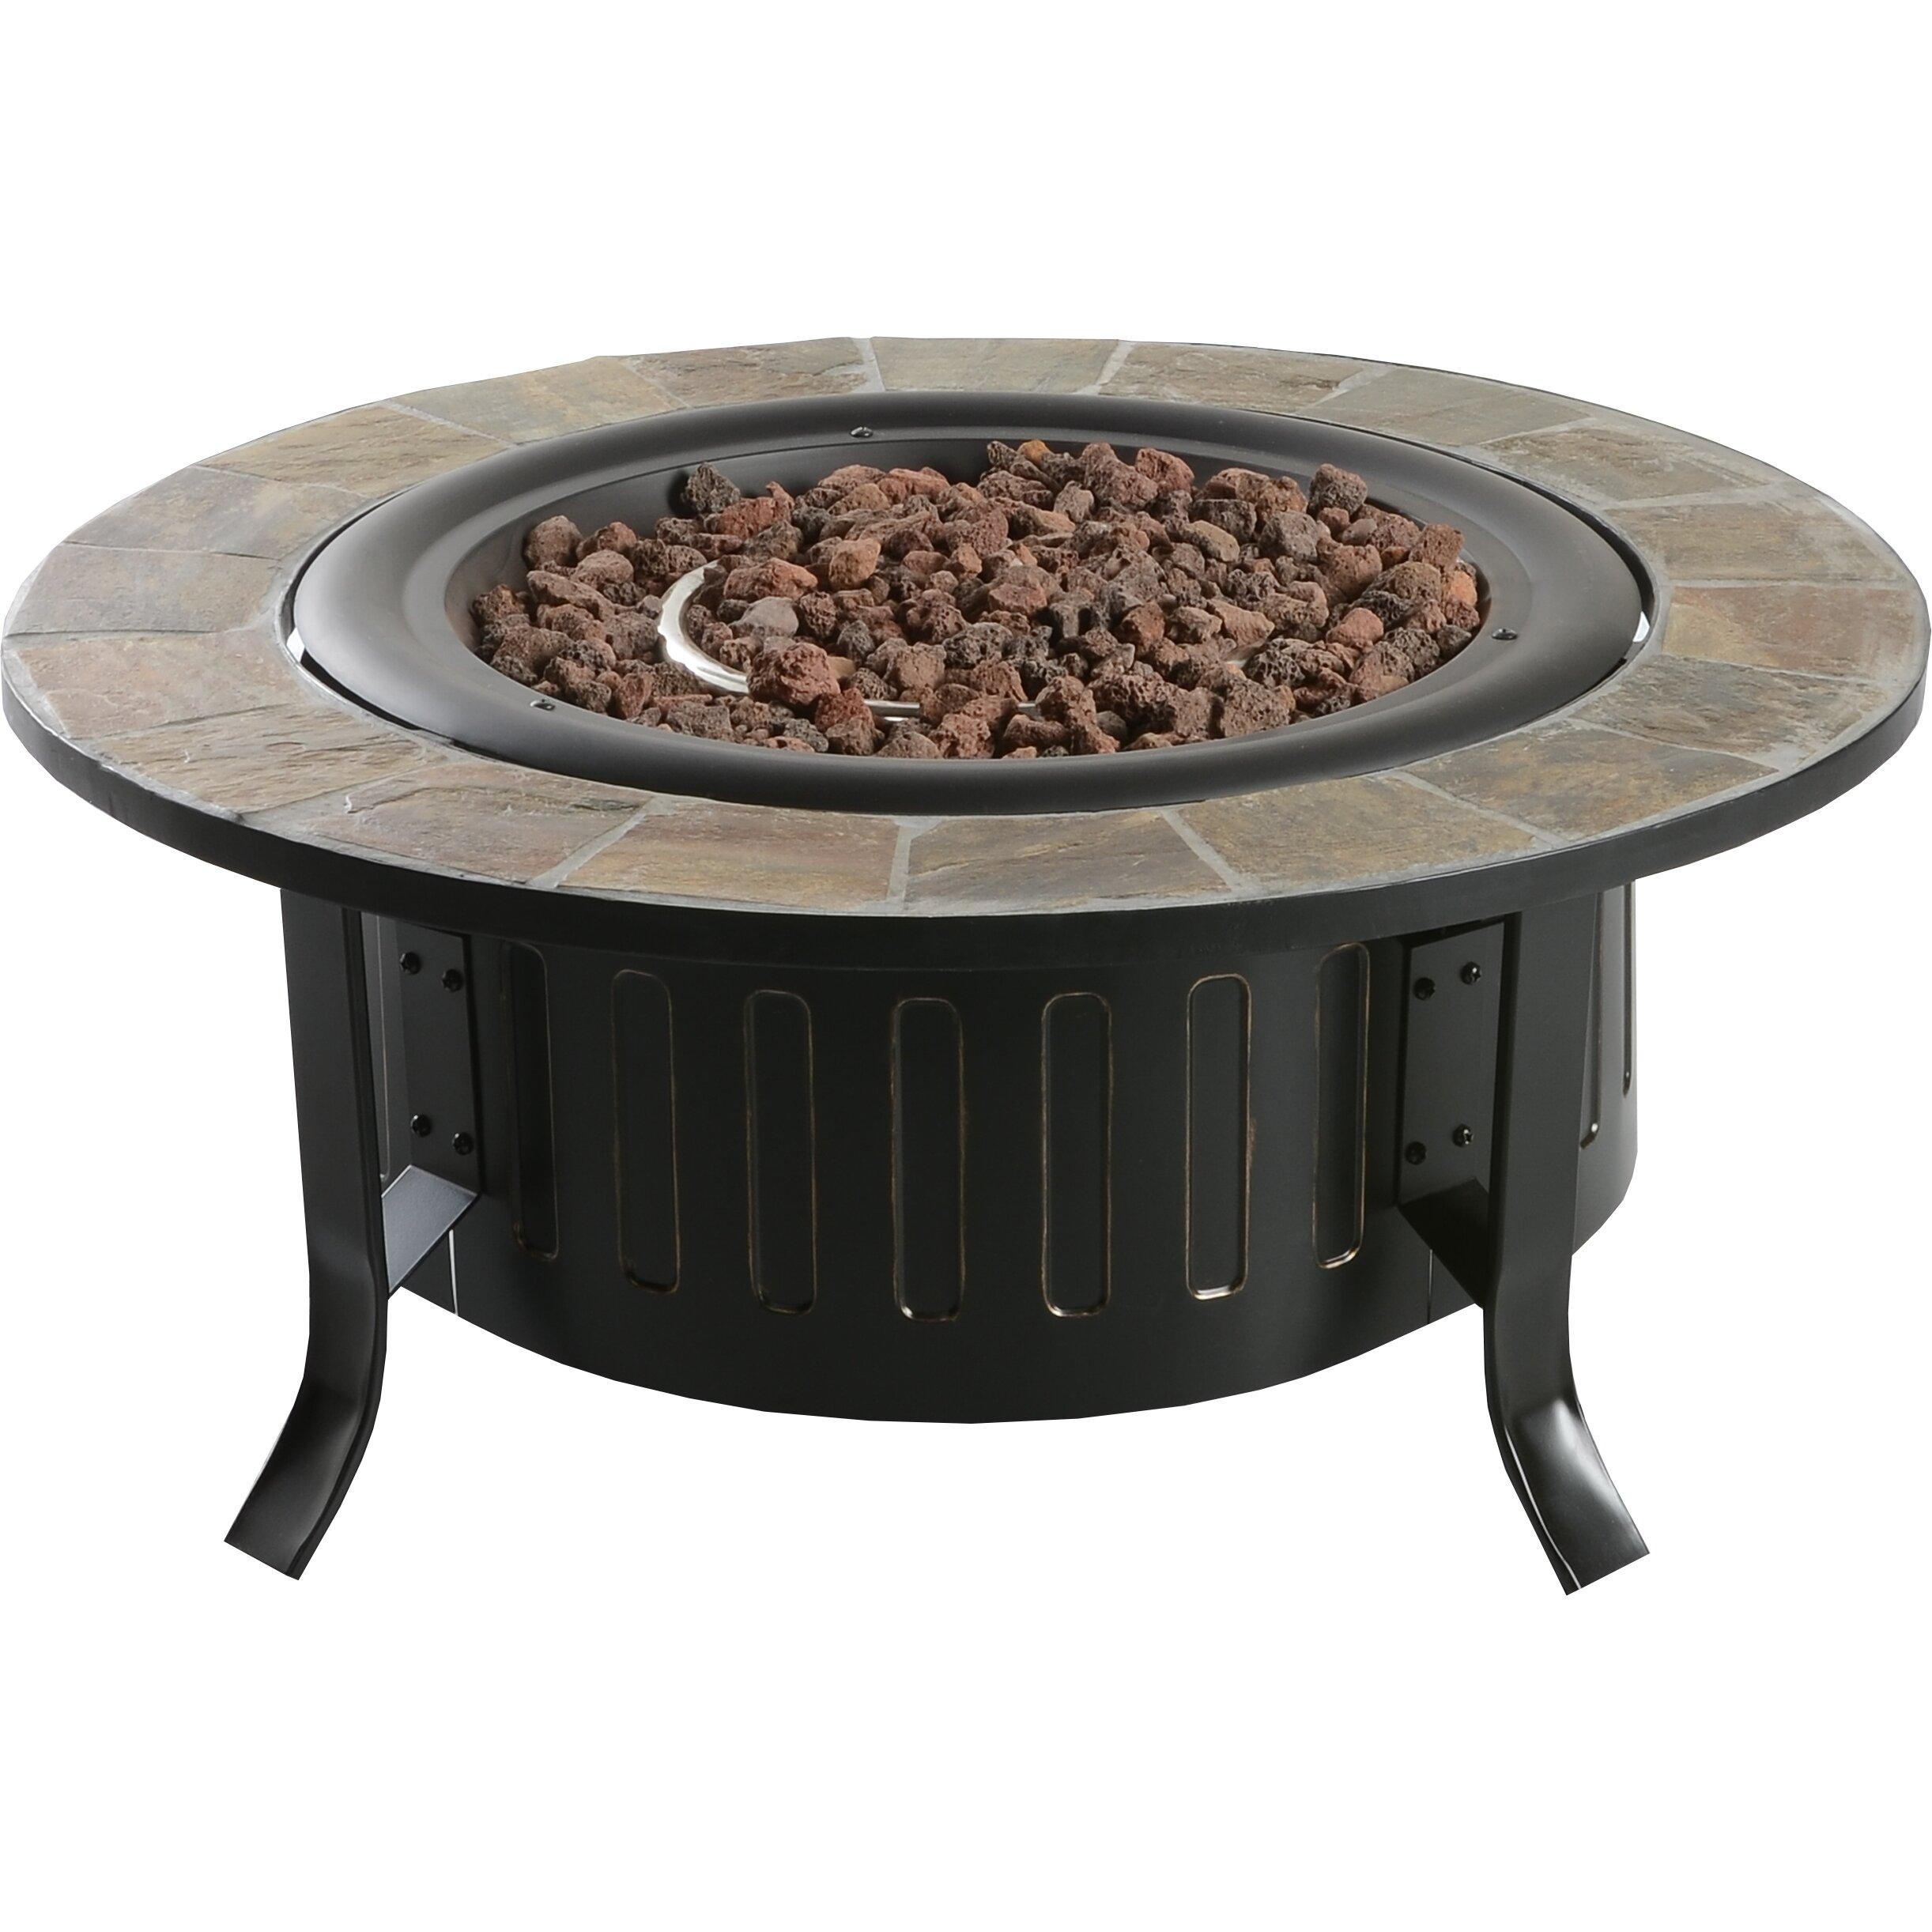 Bond Bolen Steel Outdoor Gas Table Top Fireplace & Reviews